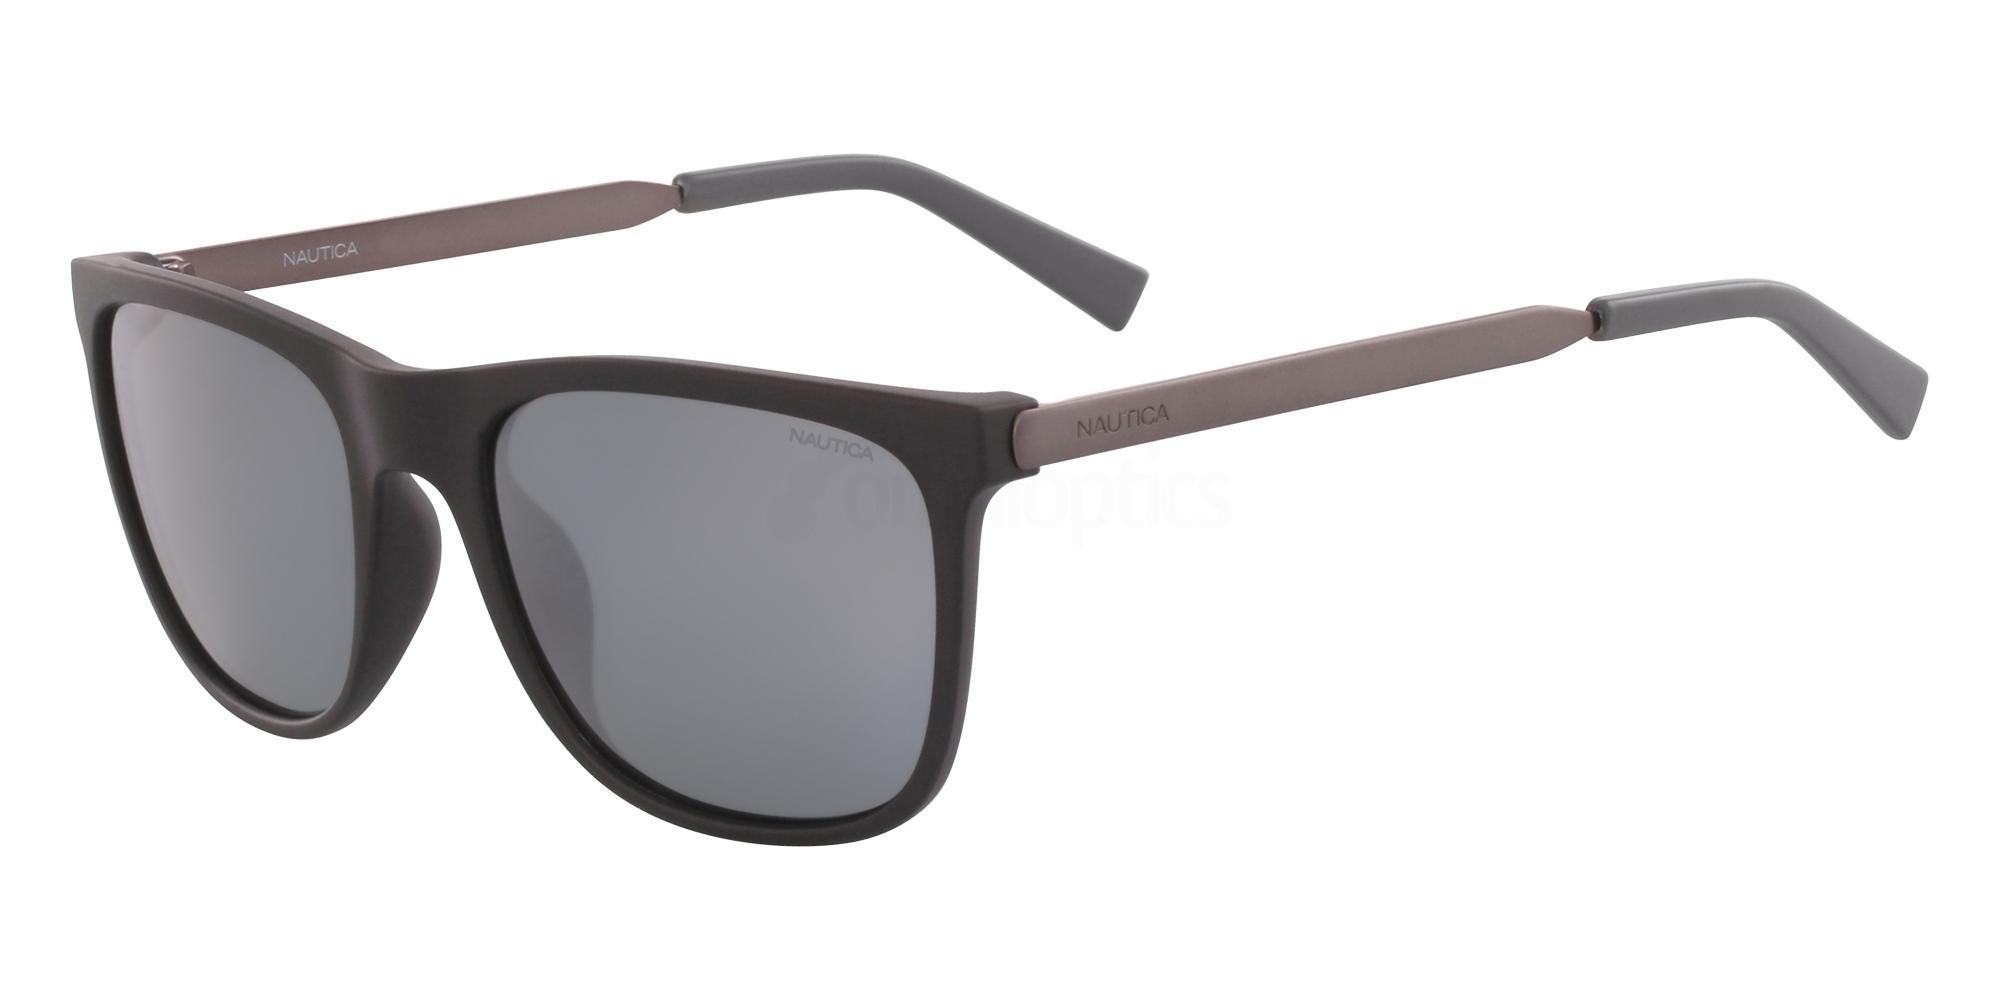 005 N3630SP Sunglasses, Nautica